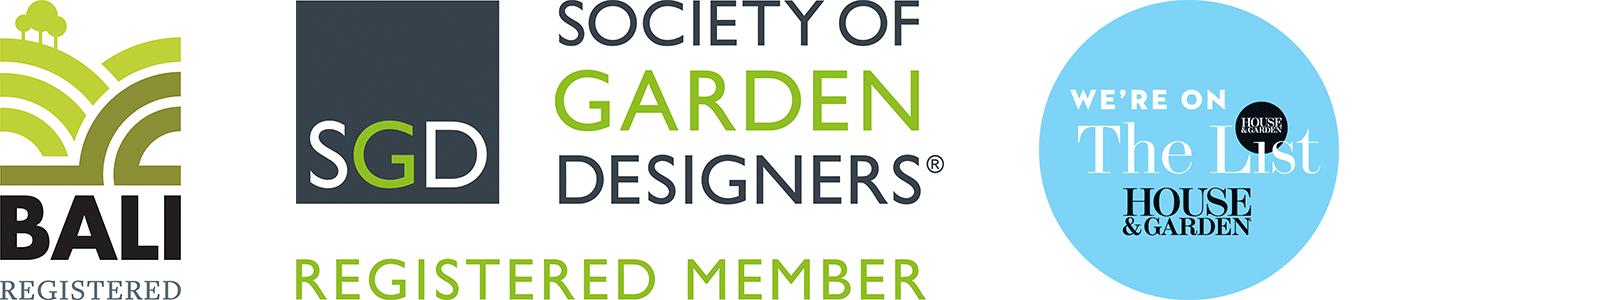 Bali, Society of Garden Designers and House and Garden logos